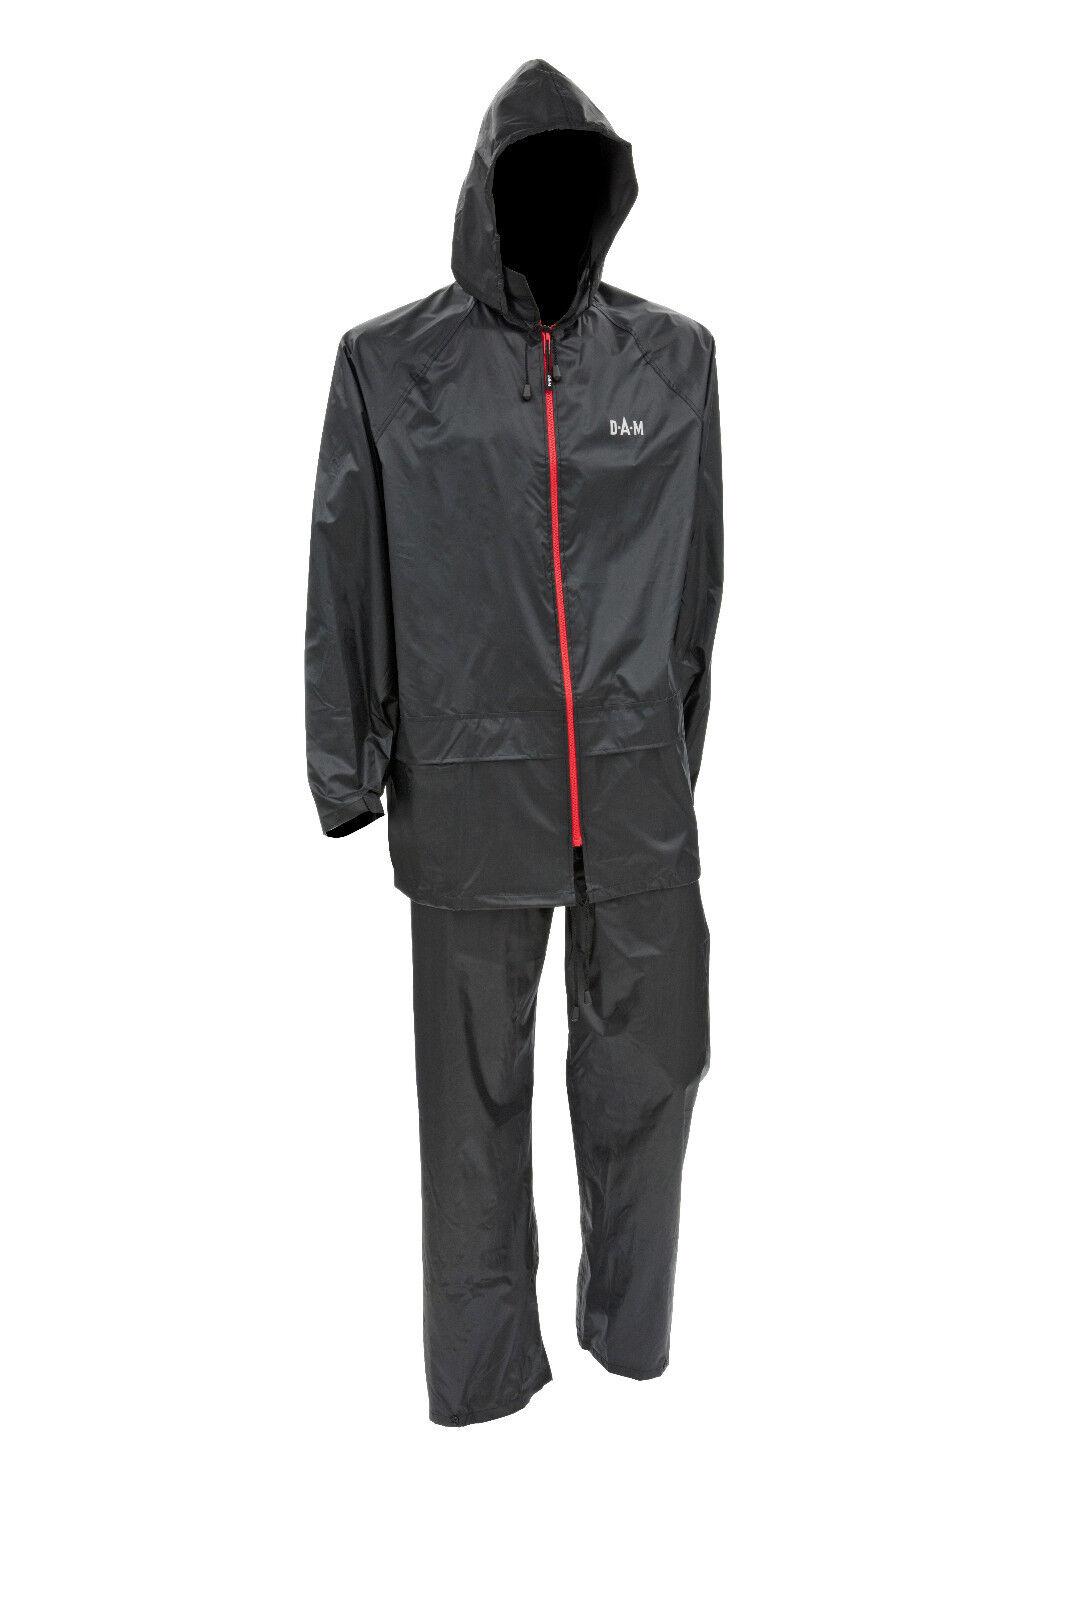 DAM Predec-Rainsuit Leichter 2 teiliger Regenanzug wasserdicht versch. Größen